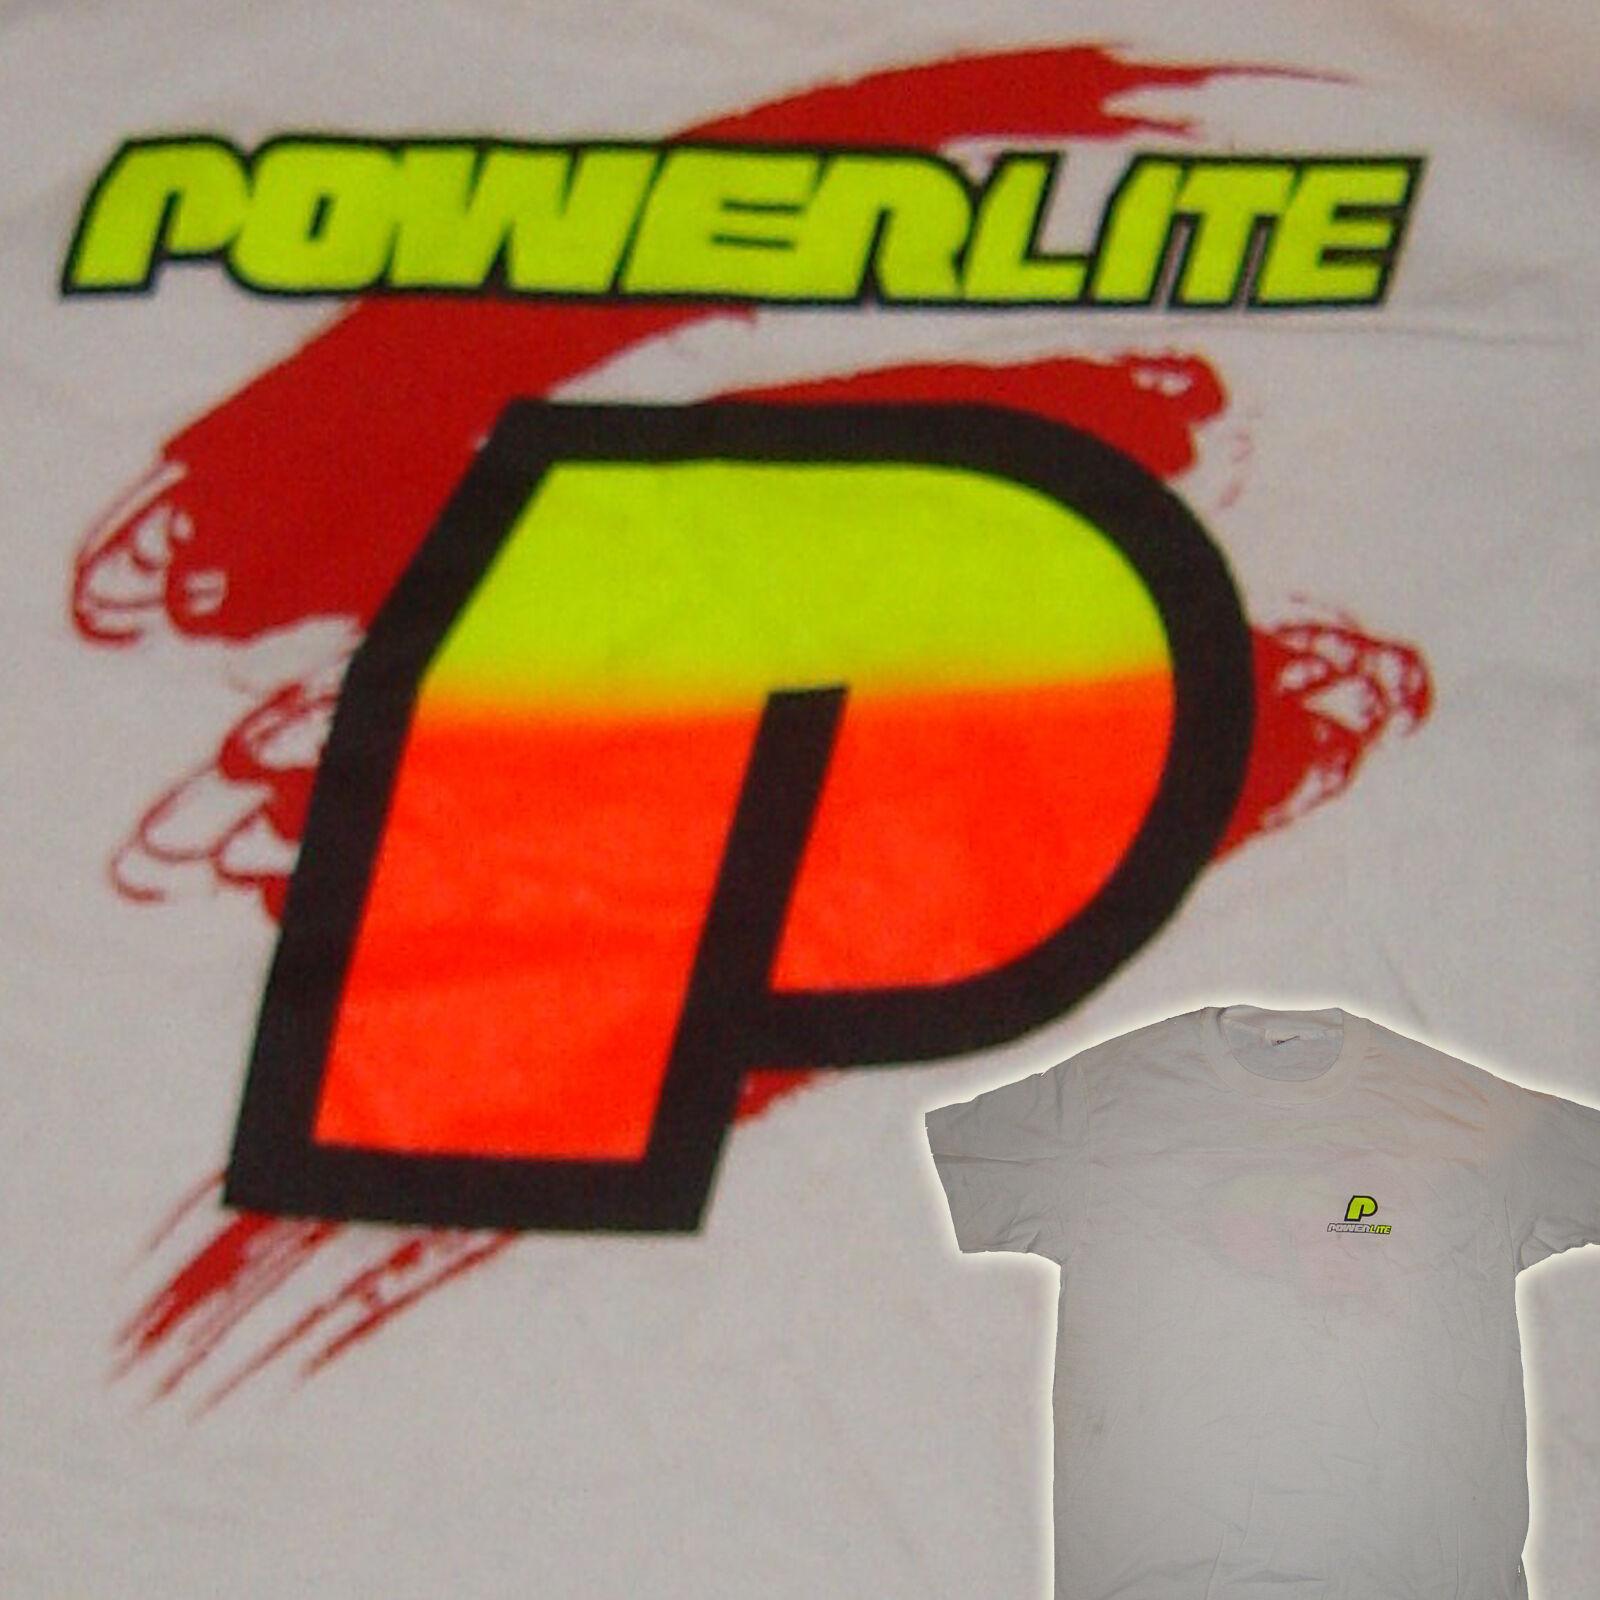 POWERLITE - P Fade Logo - BMX Tee Shirt  - White - Large - Vintage Old School